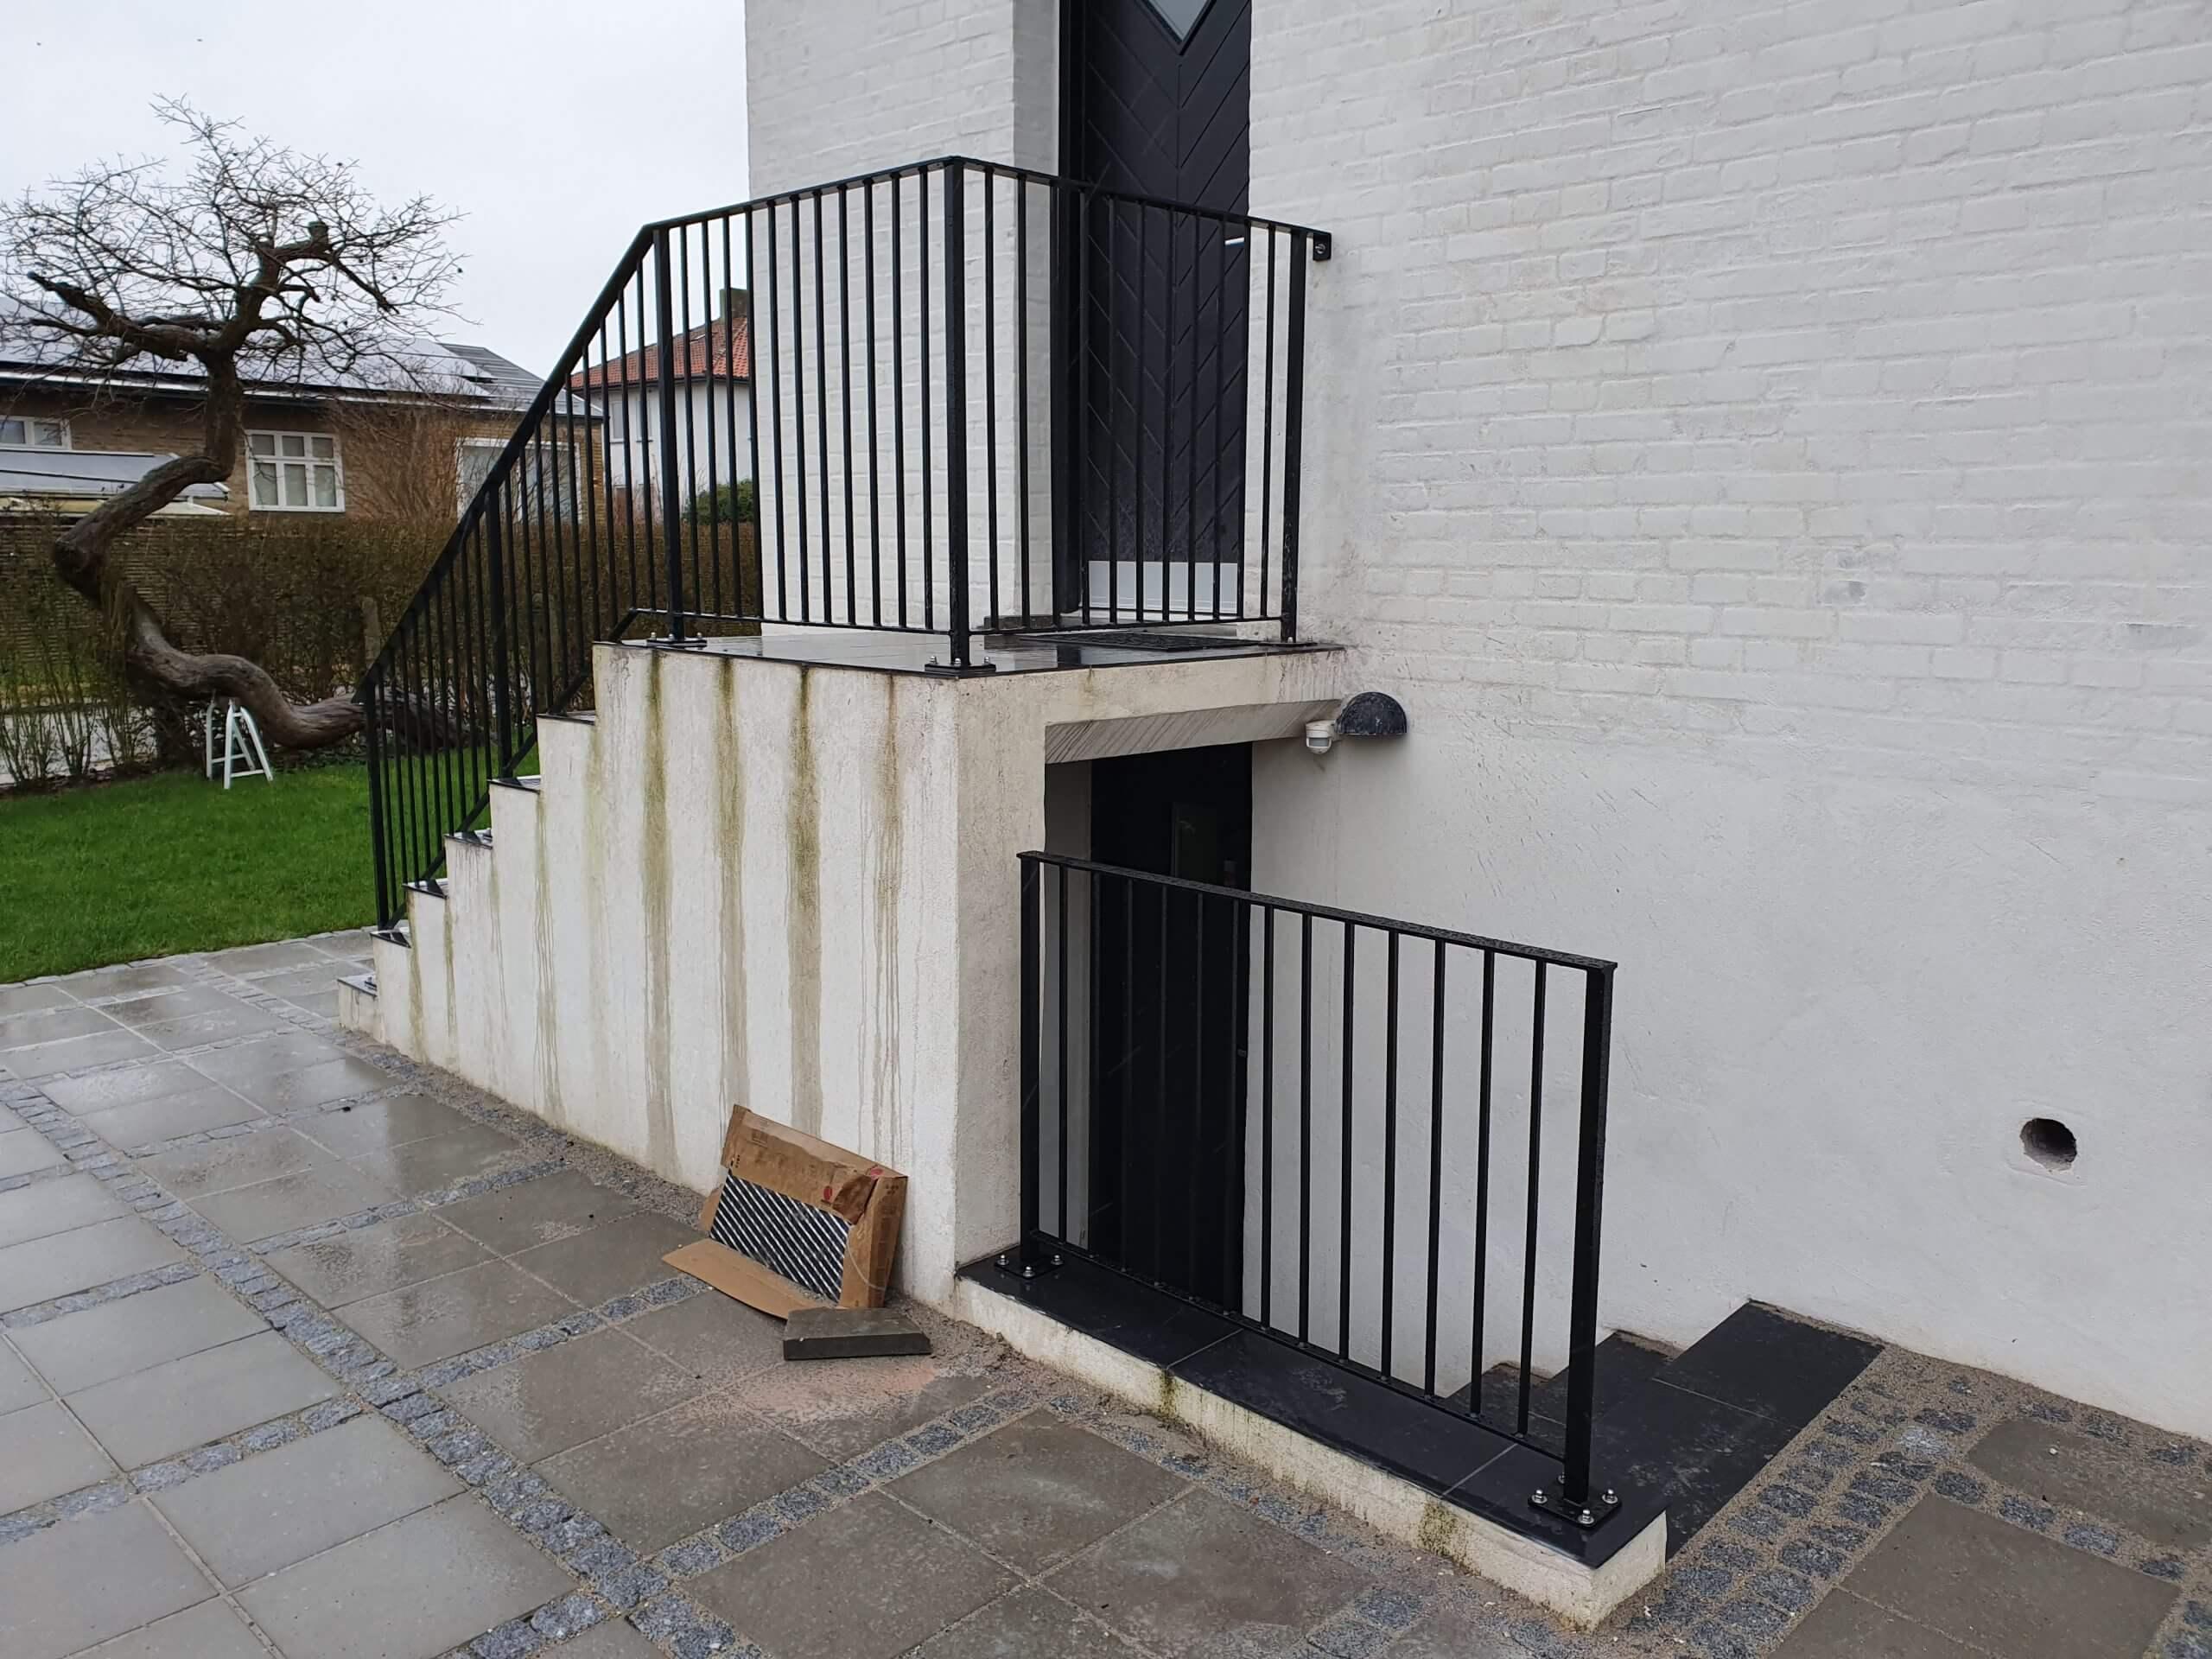 Gelænder og Rækværk til trappe indgang og kælder nedgang